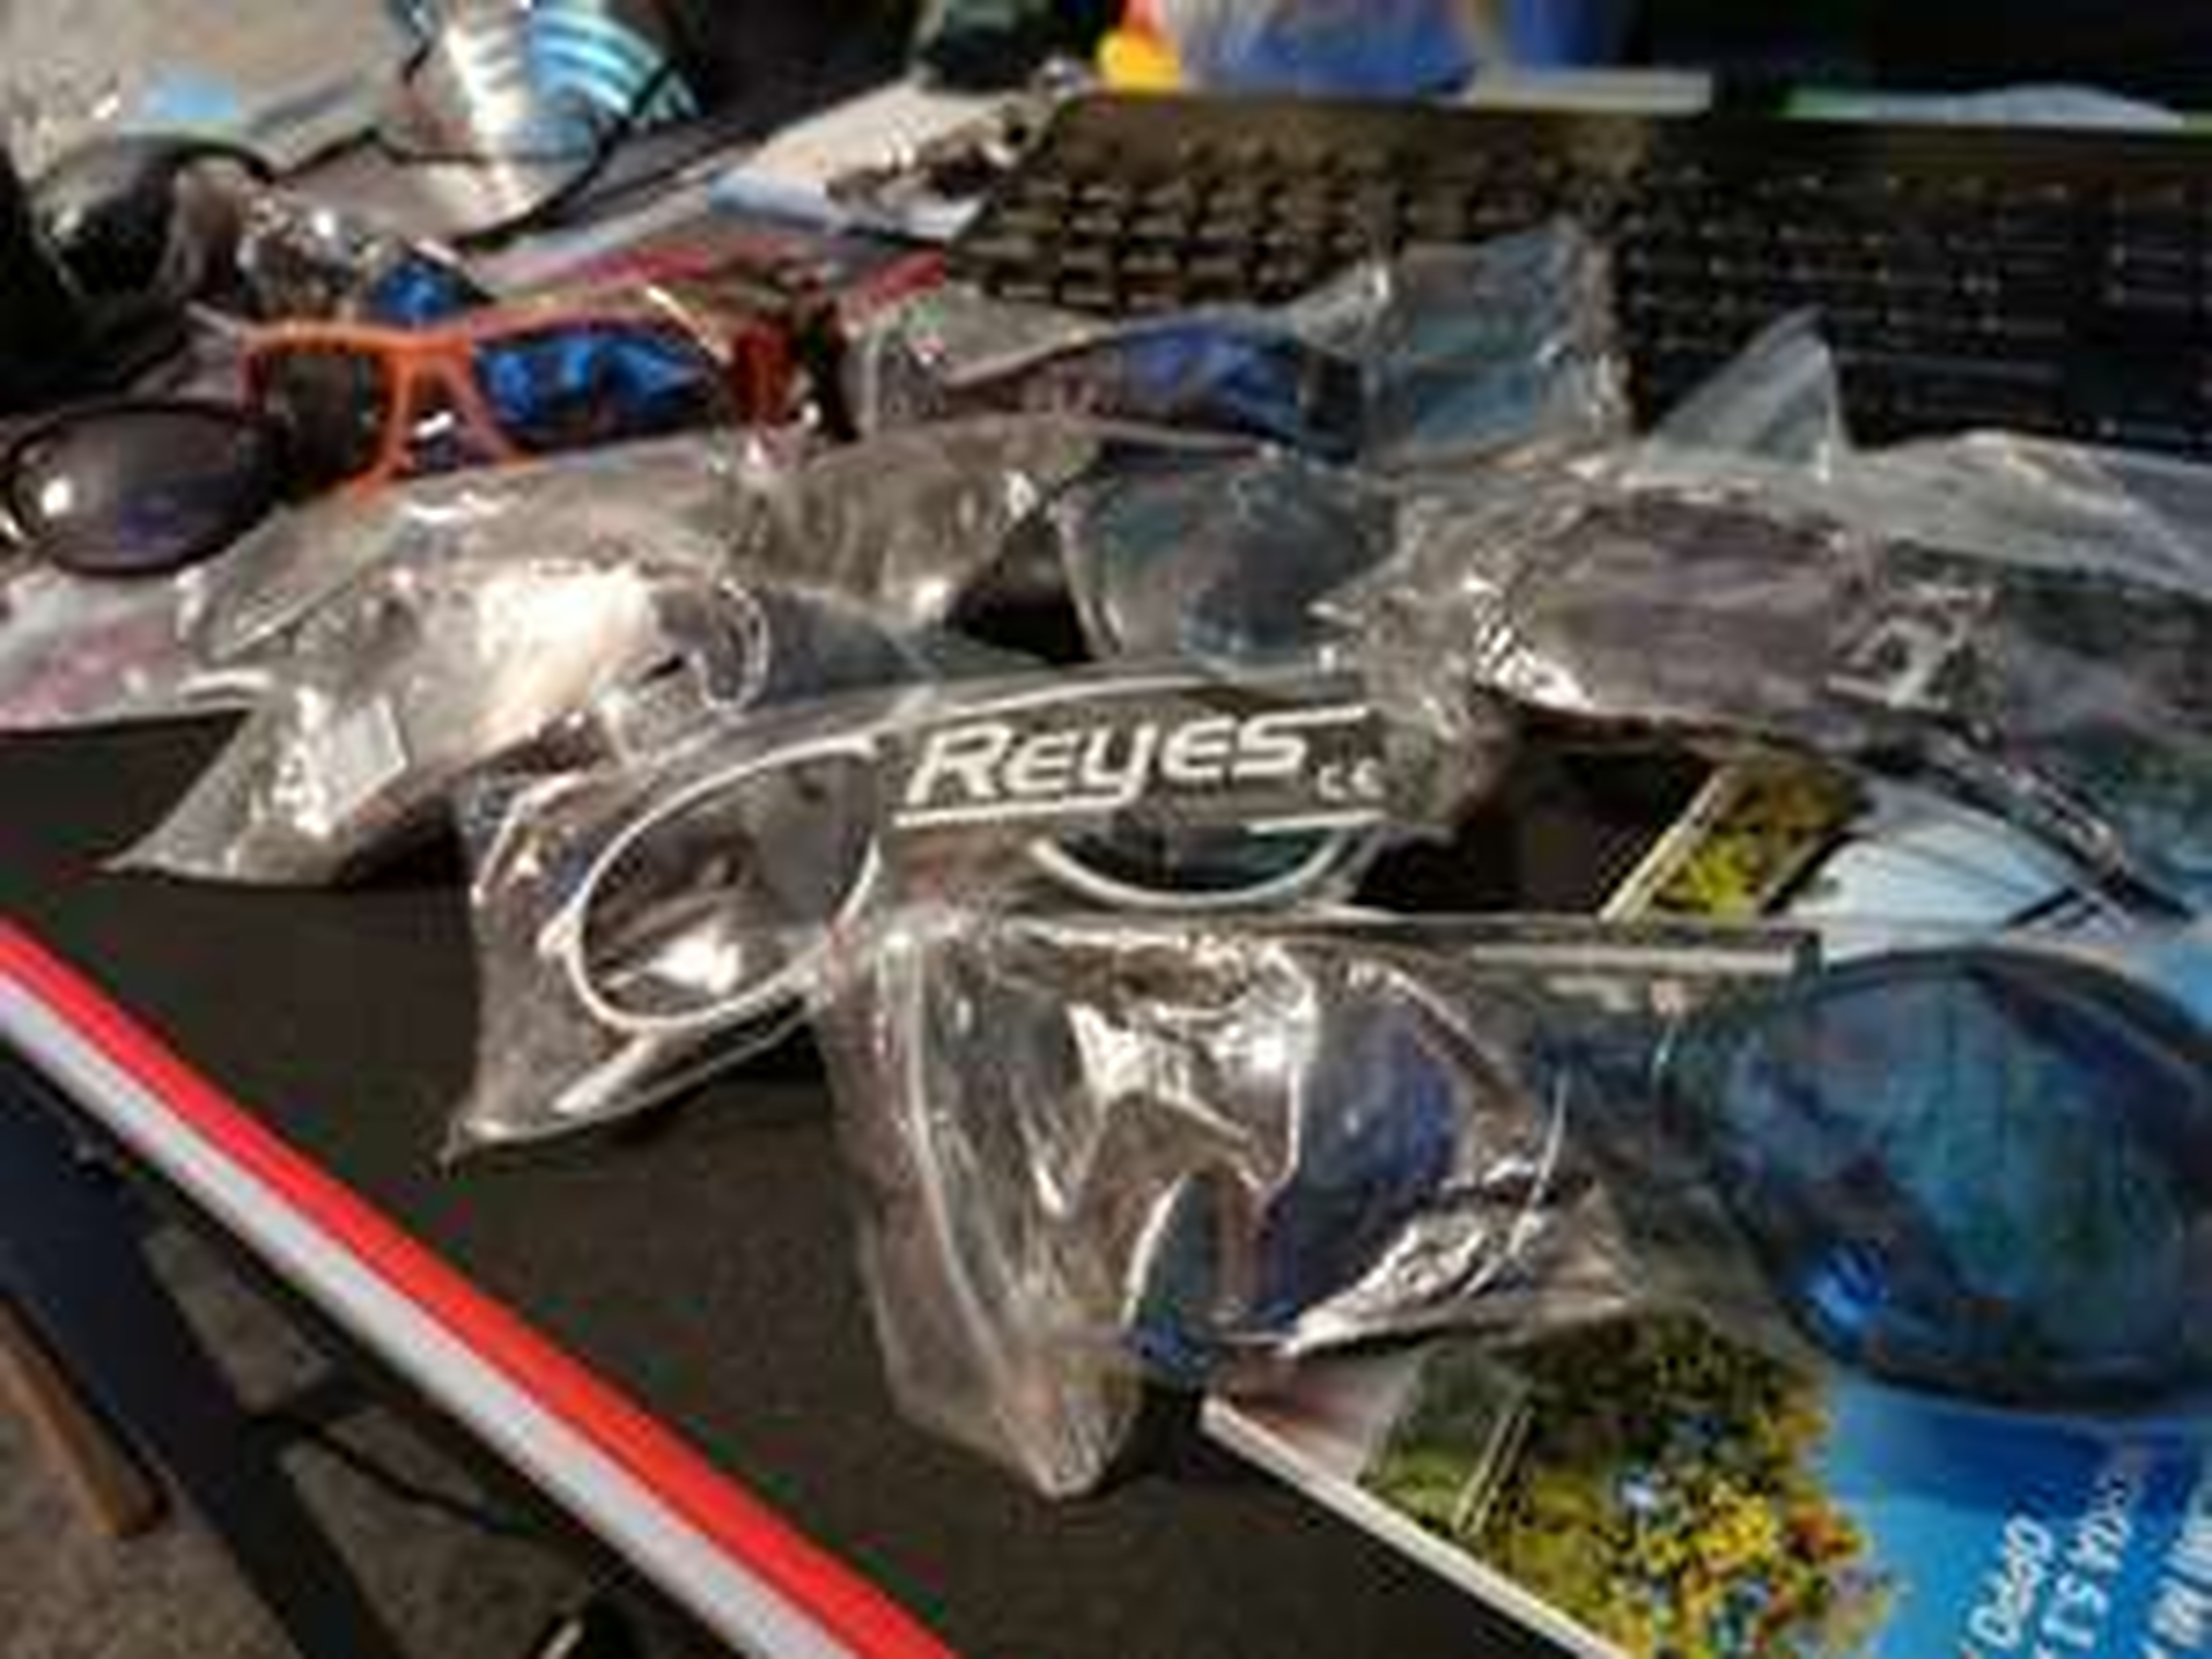 Okulary przeciwsłoneczne - jak za darmo, nic tylko brać. ;)